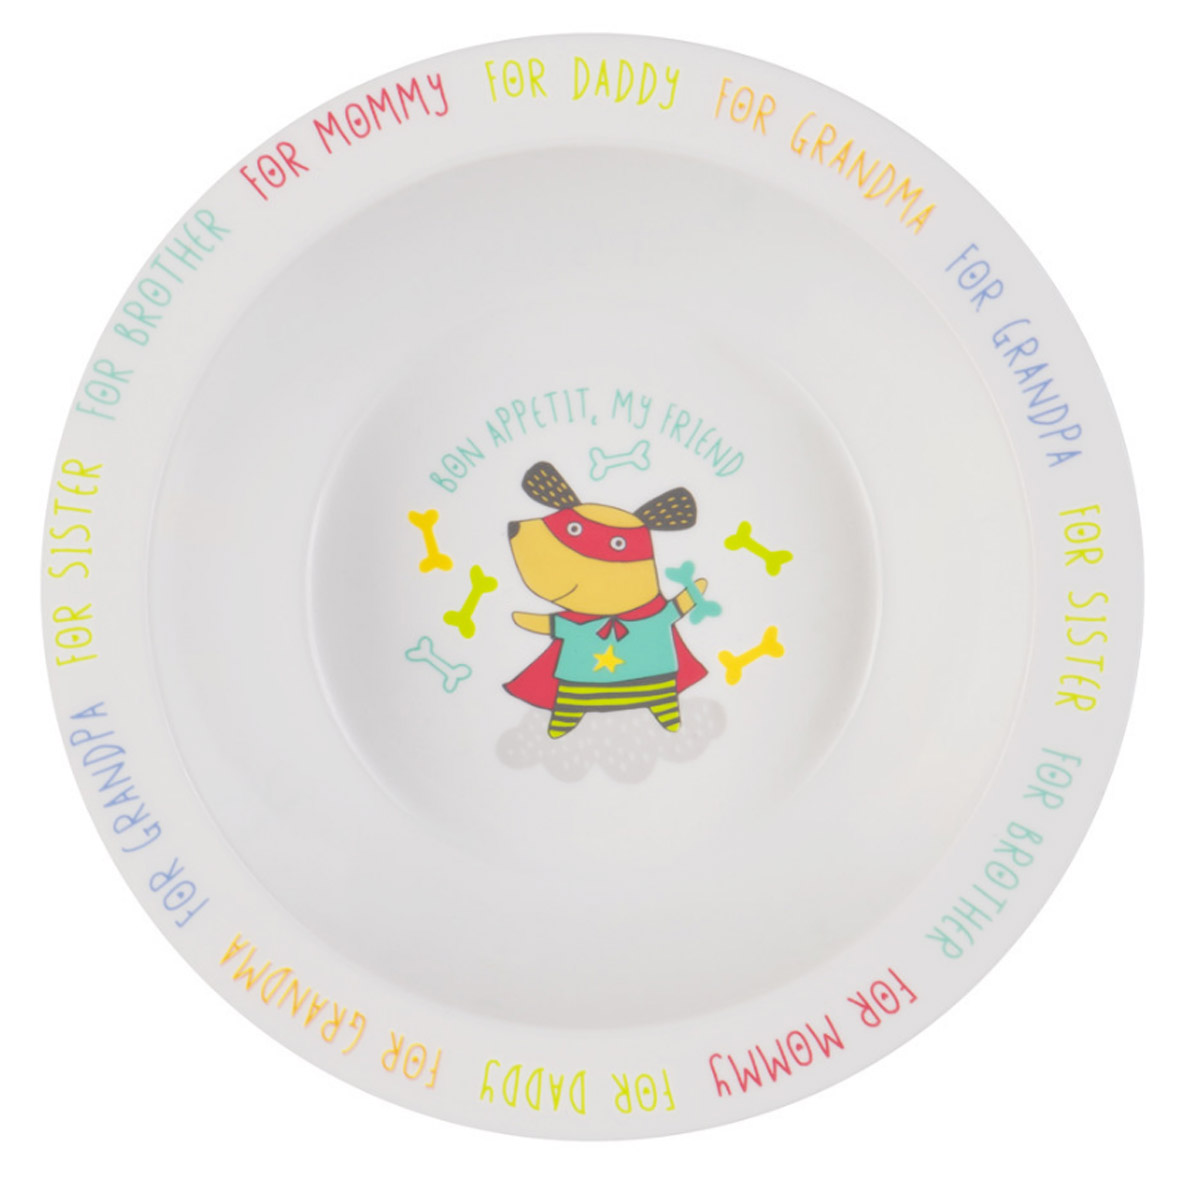 Happy Baby Тарелка глубокая для кормления Собака с присоской цвет белый ментоловый115010Глубокая тарелка для кормления Happy Baby Собака с присоской поможет приучить малыша кушать из посуды для взрослых. Выполненная из полипропилена и термопластичного эластомера, тарелка не бьется при случайном падении, имеет малый вес, широкие края. Забавная нарисованная мышка на дне тарелки поможет заинтересовать малыша процессом кормления. Широкая присоска на дне прочно фиксирует тарелку на гладкой поверхности и не позволит ее перевернуть. Не содержит бисфенол-А. Можно разогревать в СВЧ-печи и мыть в посудомоечной машине без присоски.